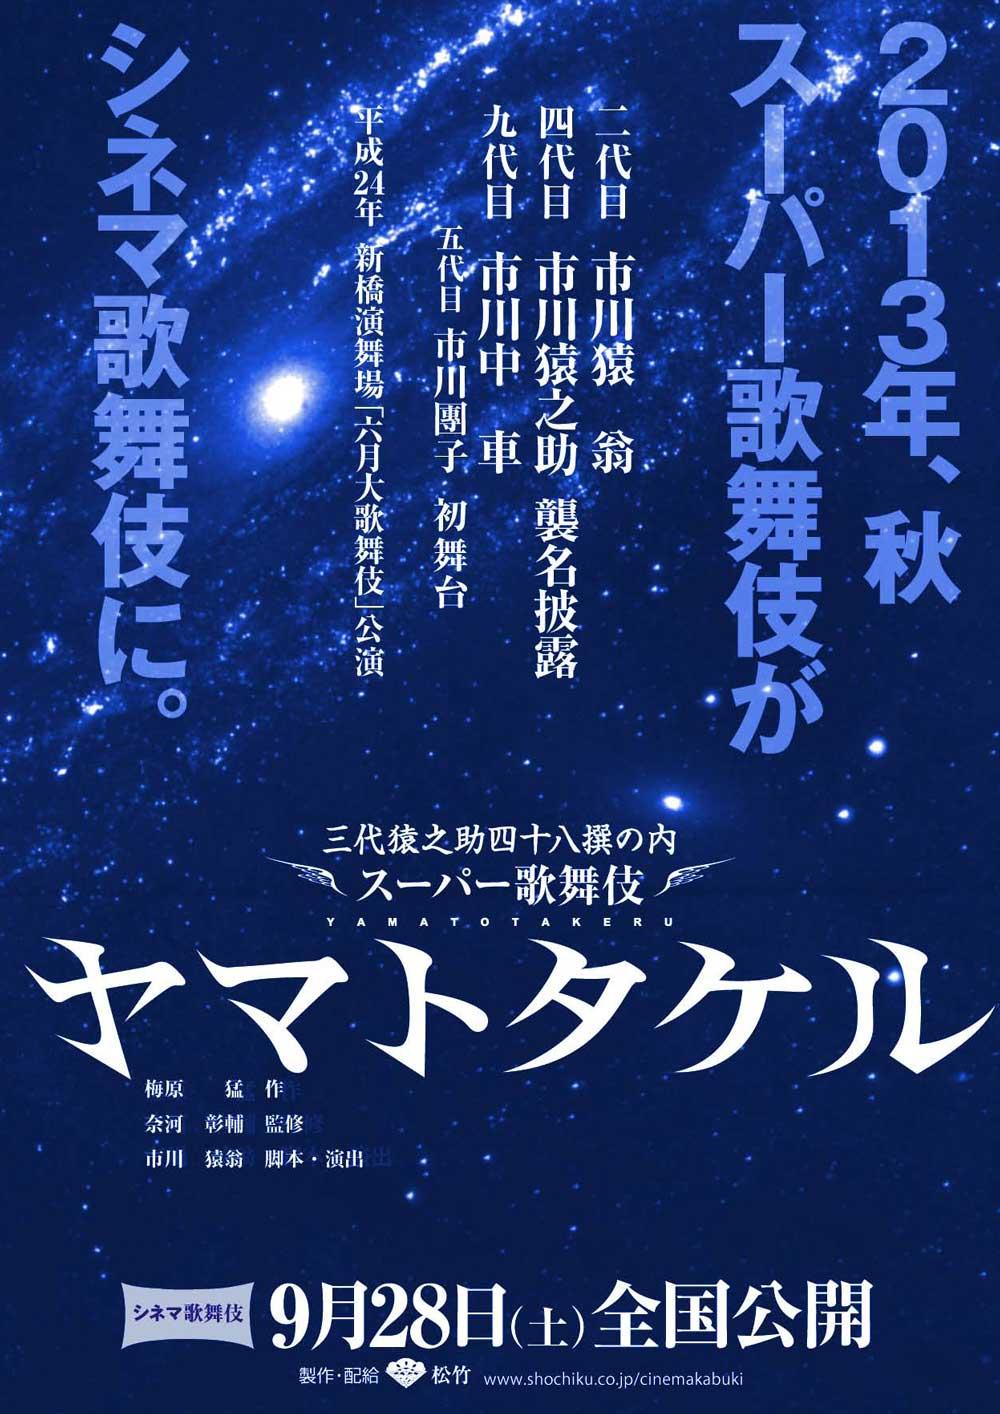 歌舞伎公式総合サイト 歌舞伎 ...